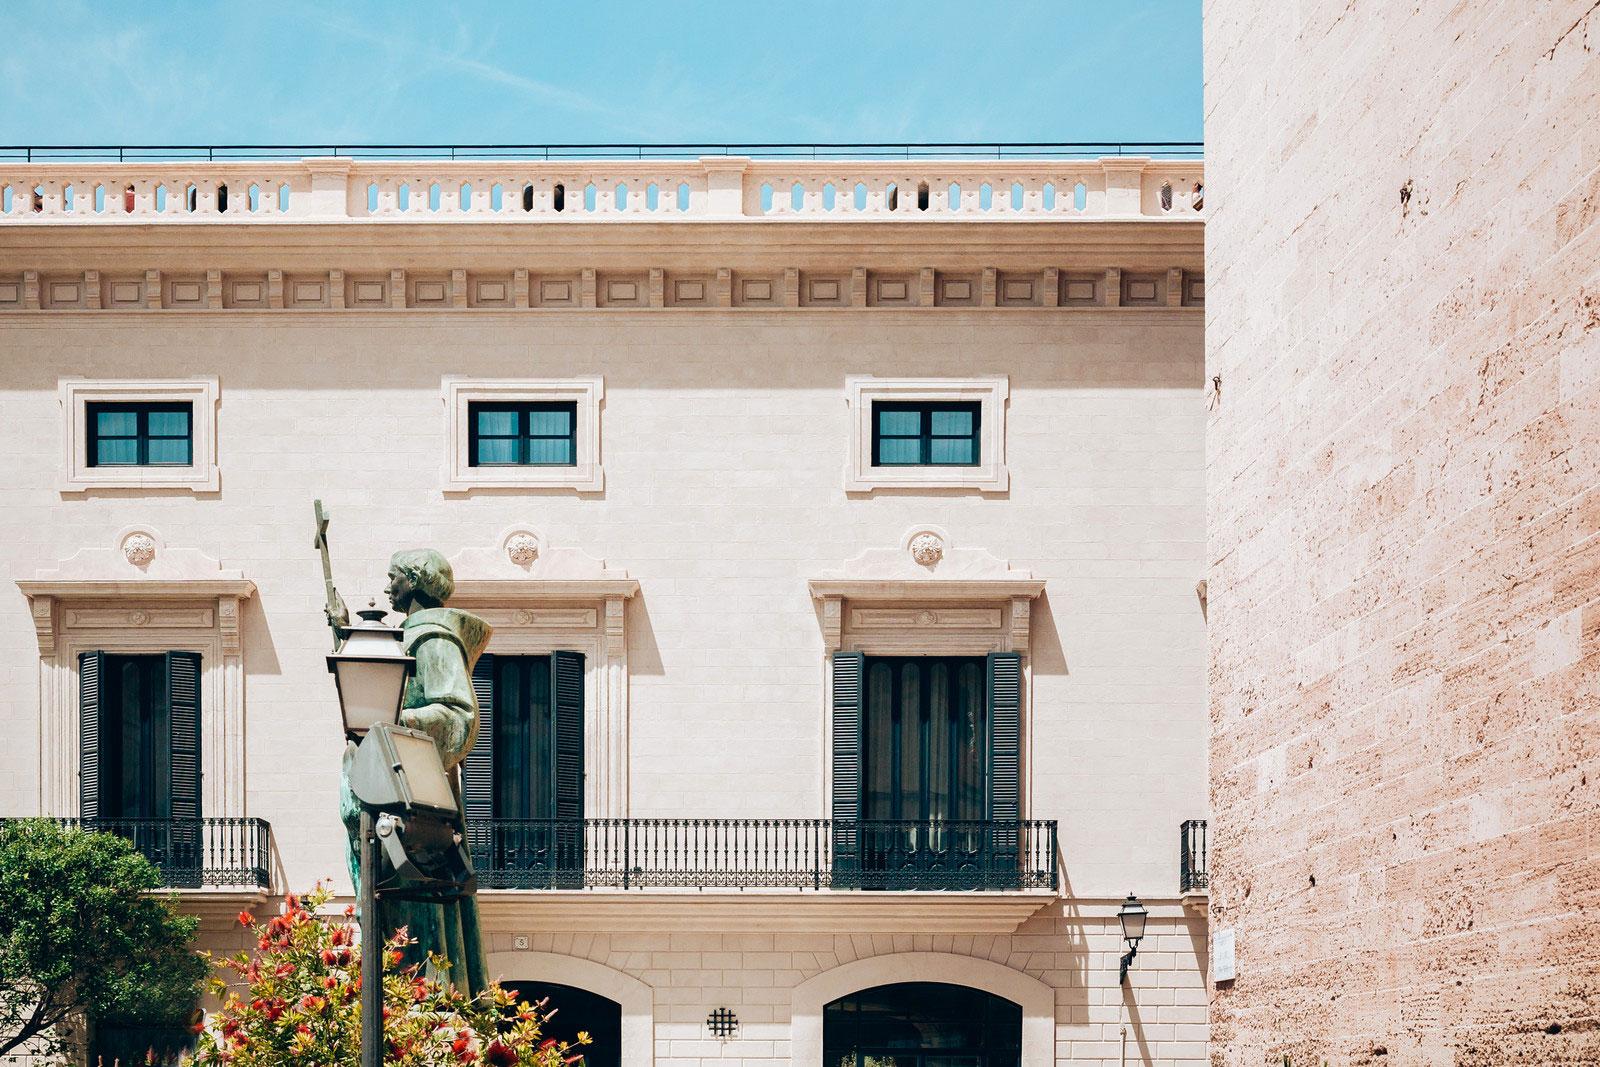 San Francesc Hotel in Palma de Mallorca-01